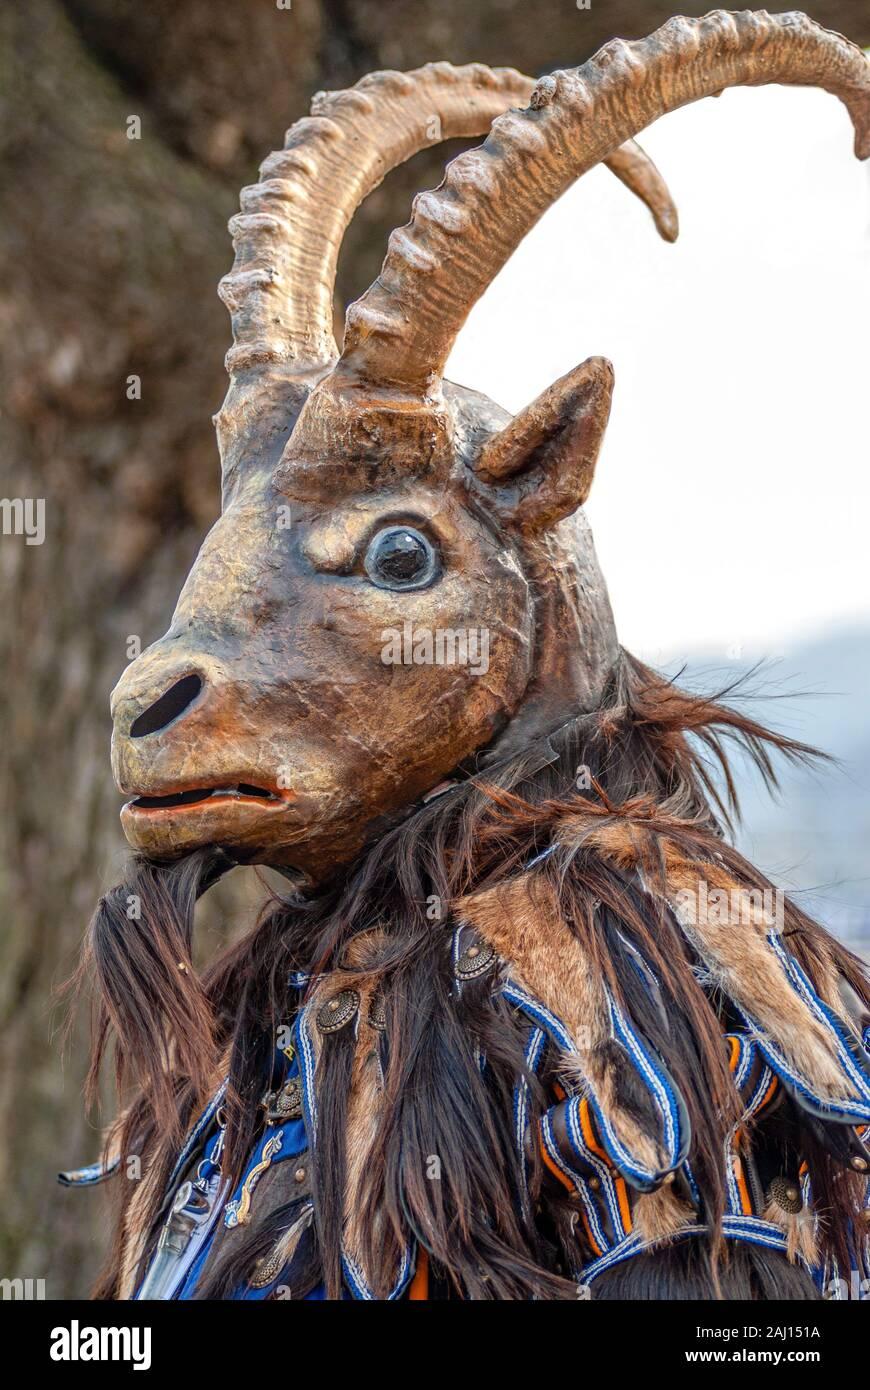 Costume de carnaval Ibex pendant le carnaval à Lucerne, Suisse Banque D'Images